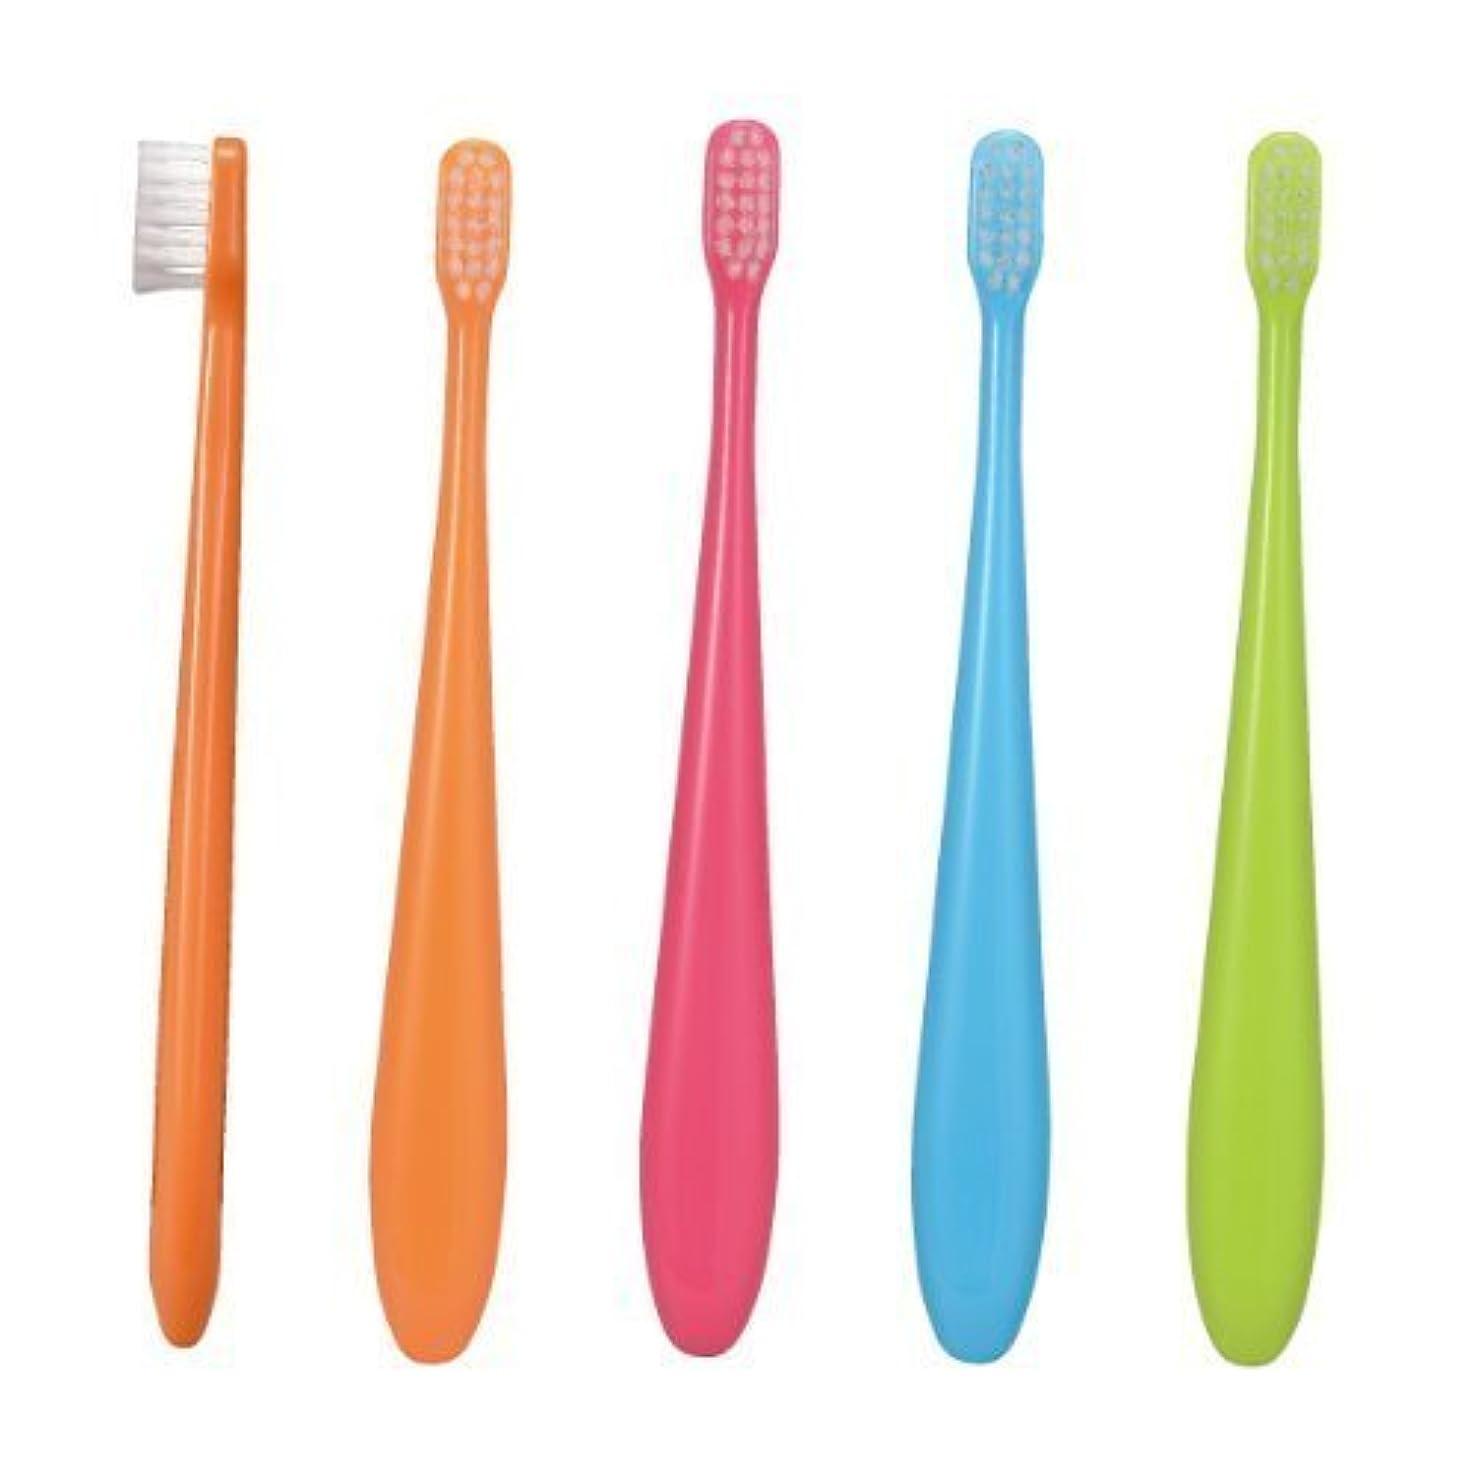 溶かすマイクロフォン知覚できるCiミニ歯ブラシ/ミディ 50本入り/Mふつう